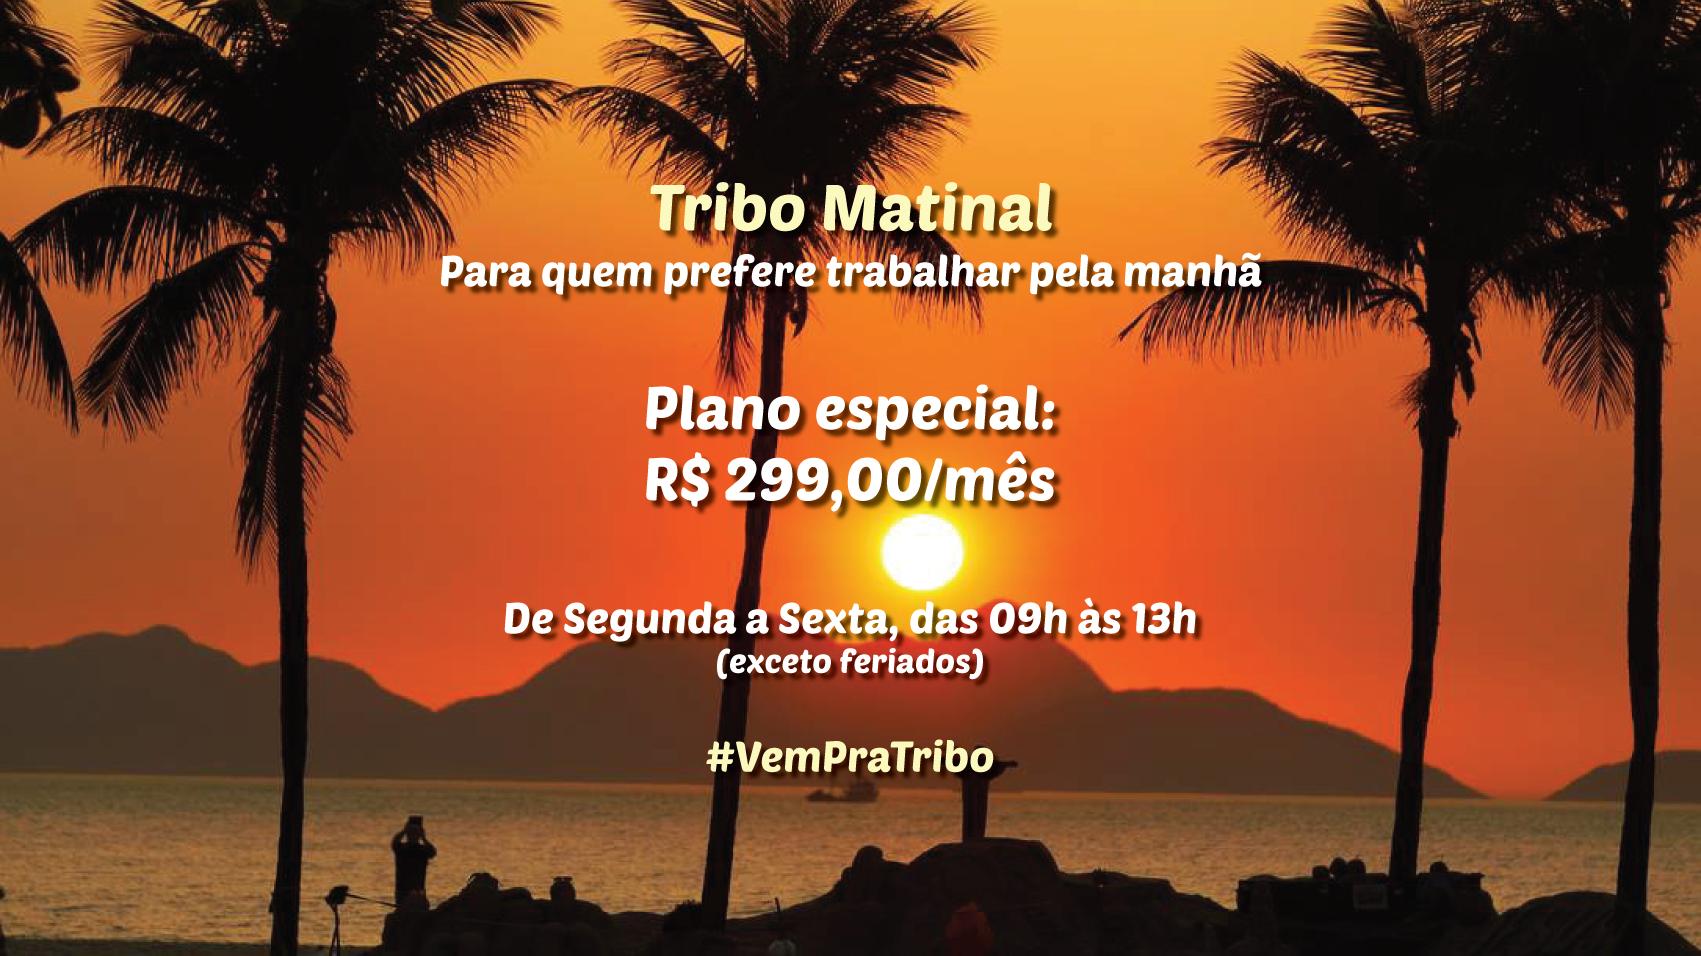 tribo_matinal